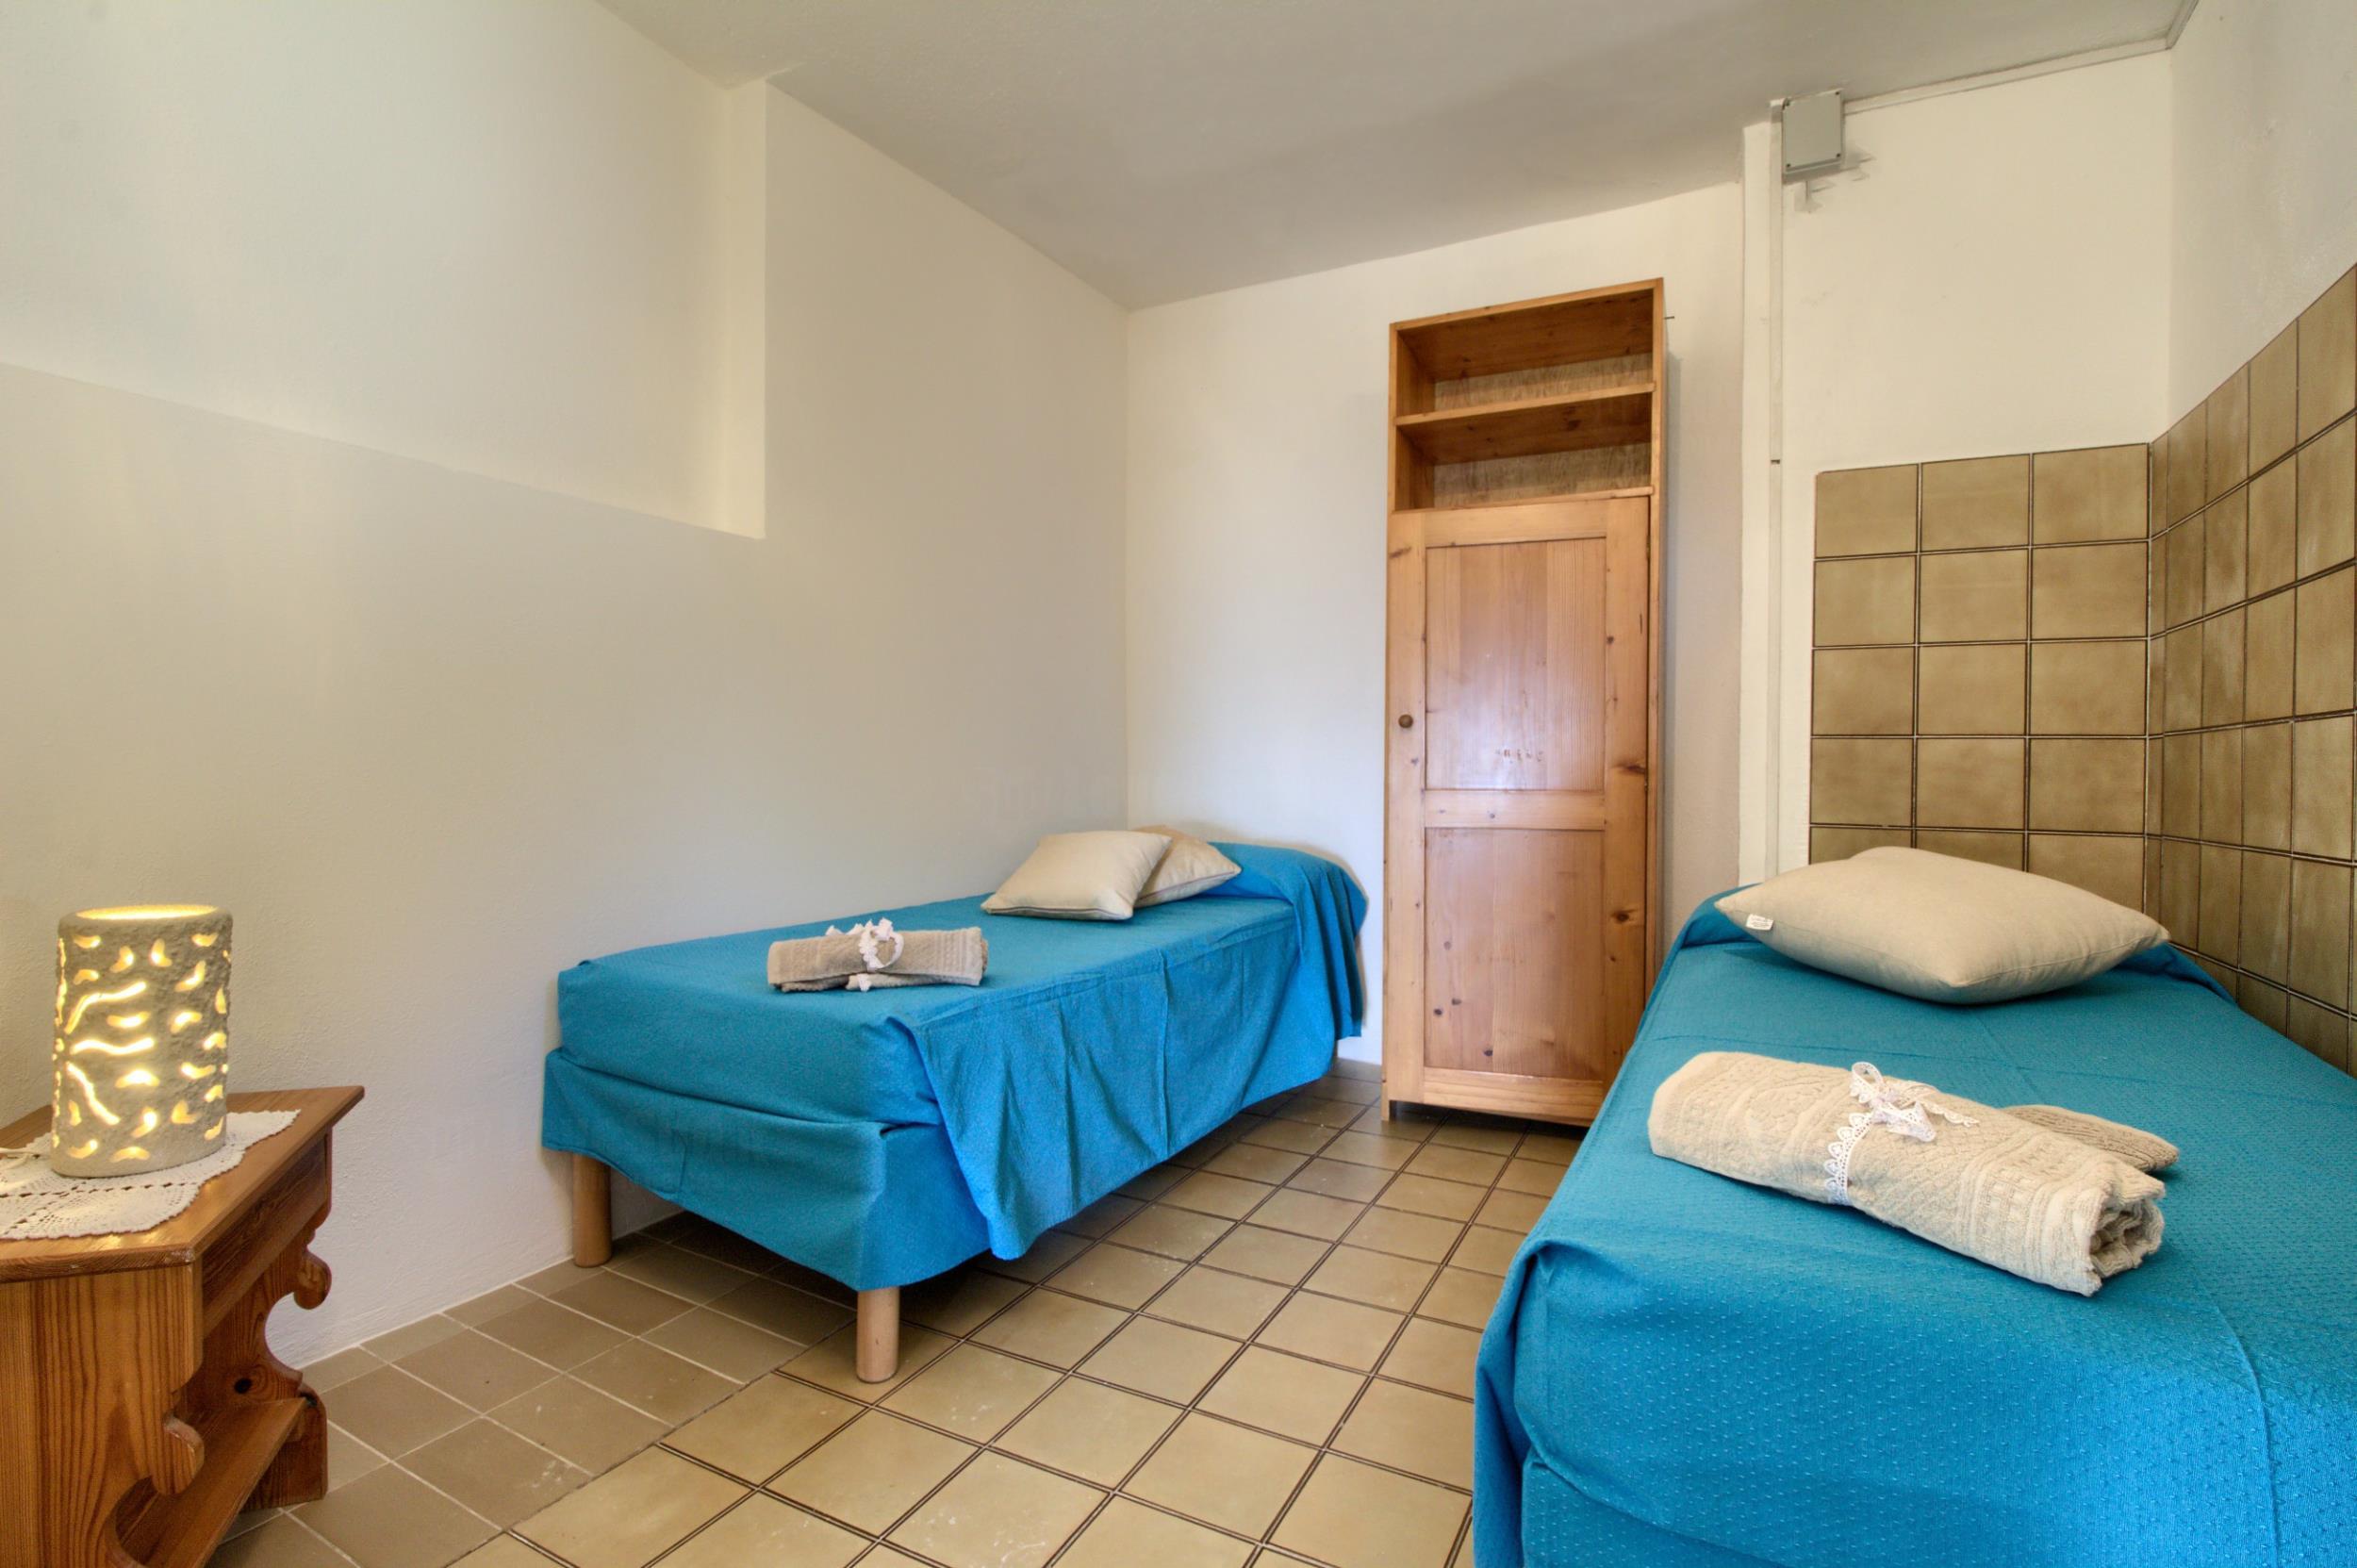 Apartment Trullo Ulivo pool complex photo 22460377